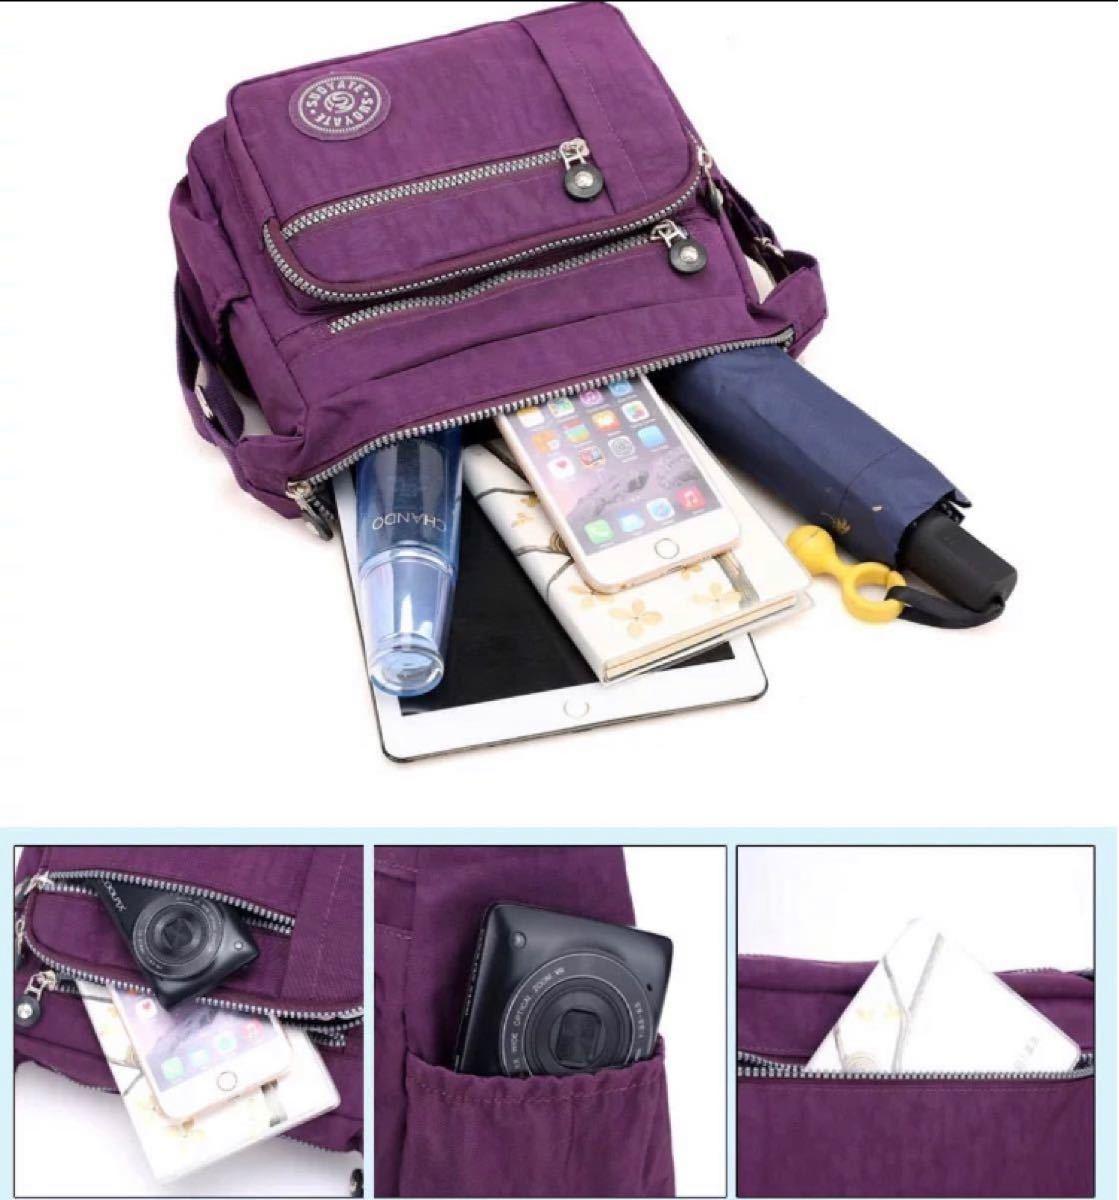 ショルダーバッグ 斜めがけ レディースバッグ 紫 パープル iPad 軽量  斜めがけバッグ アウトドア 防水 マザーズバッグ